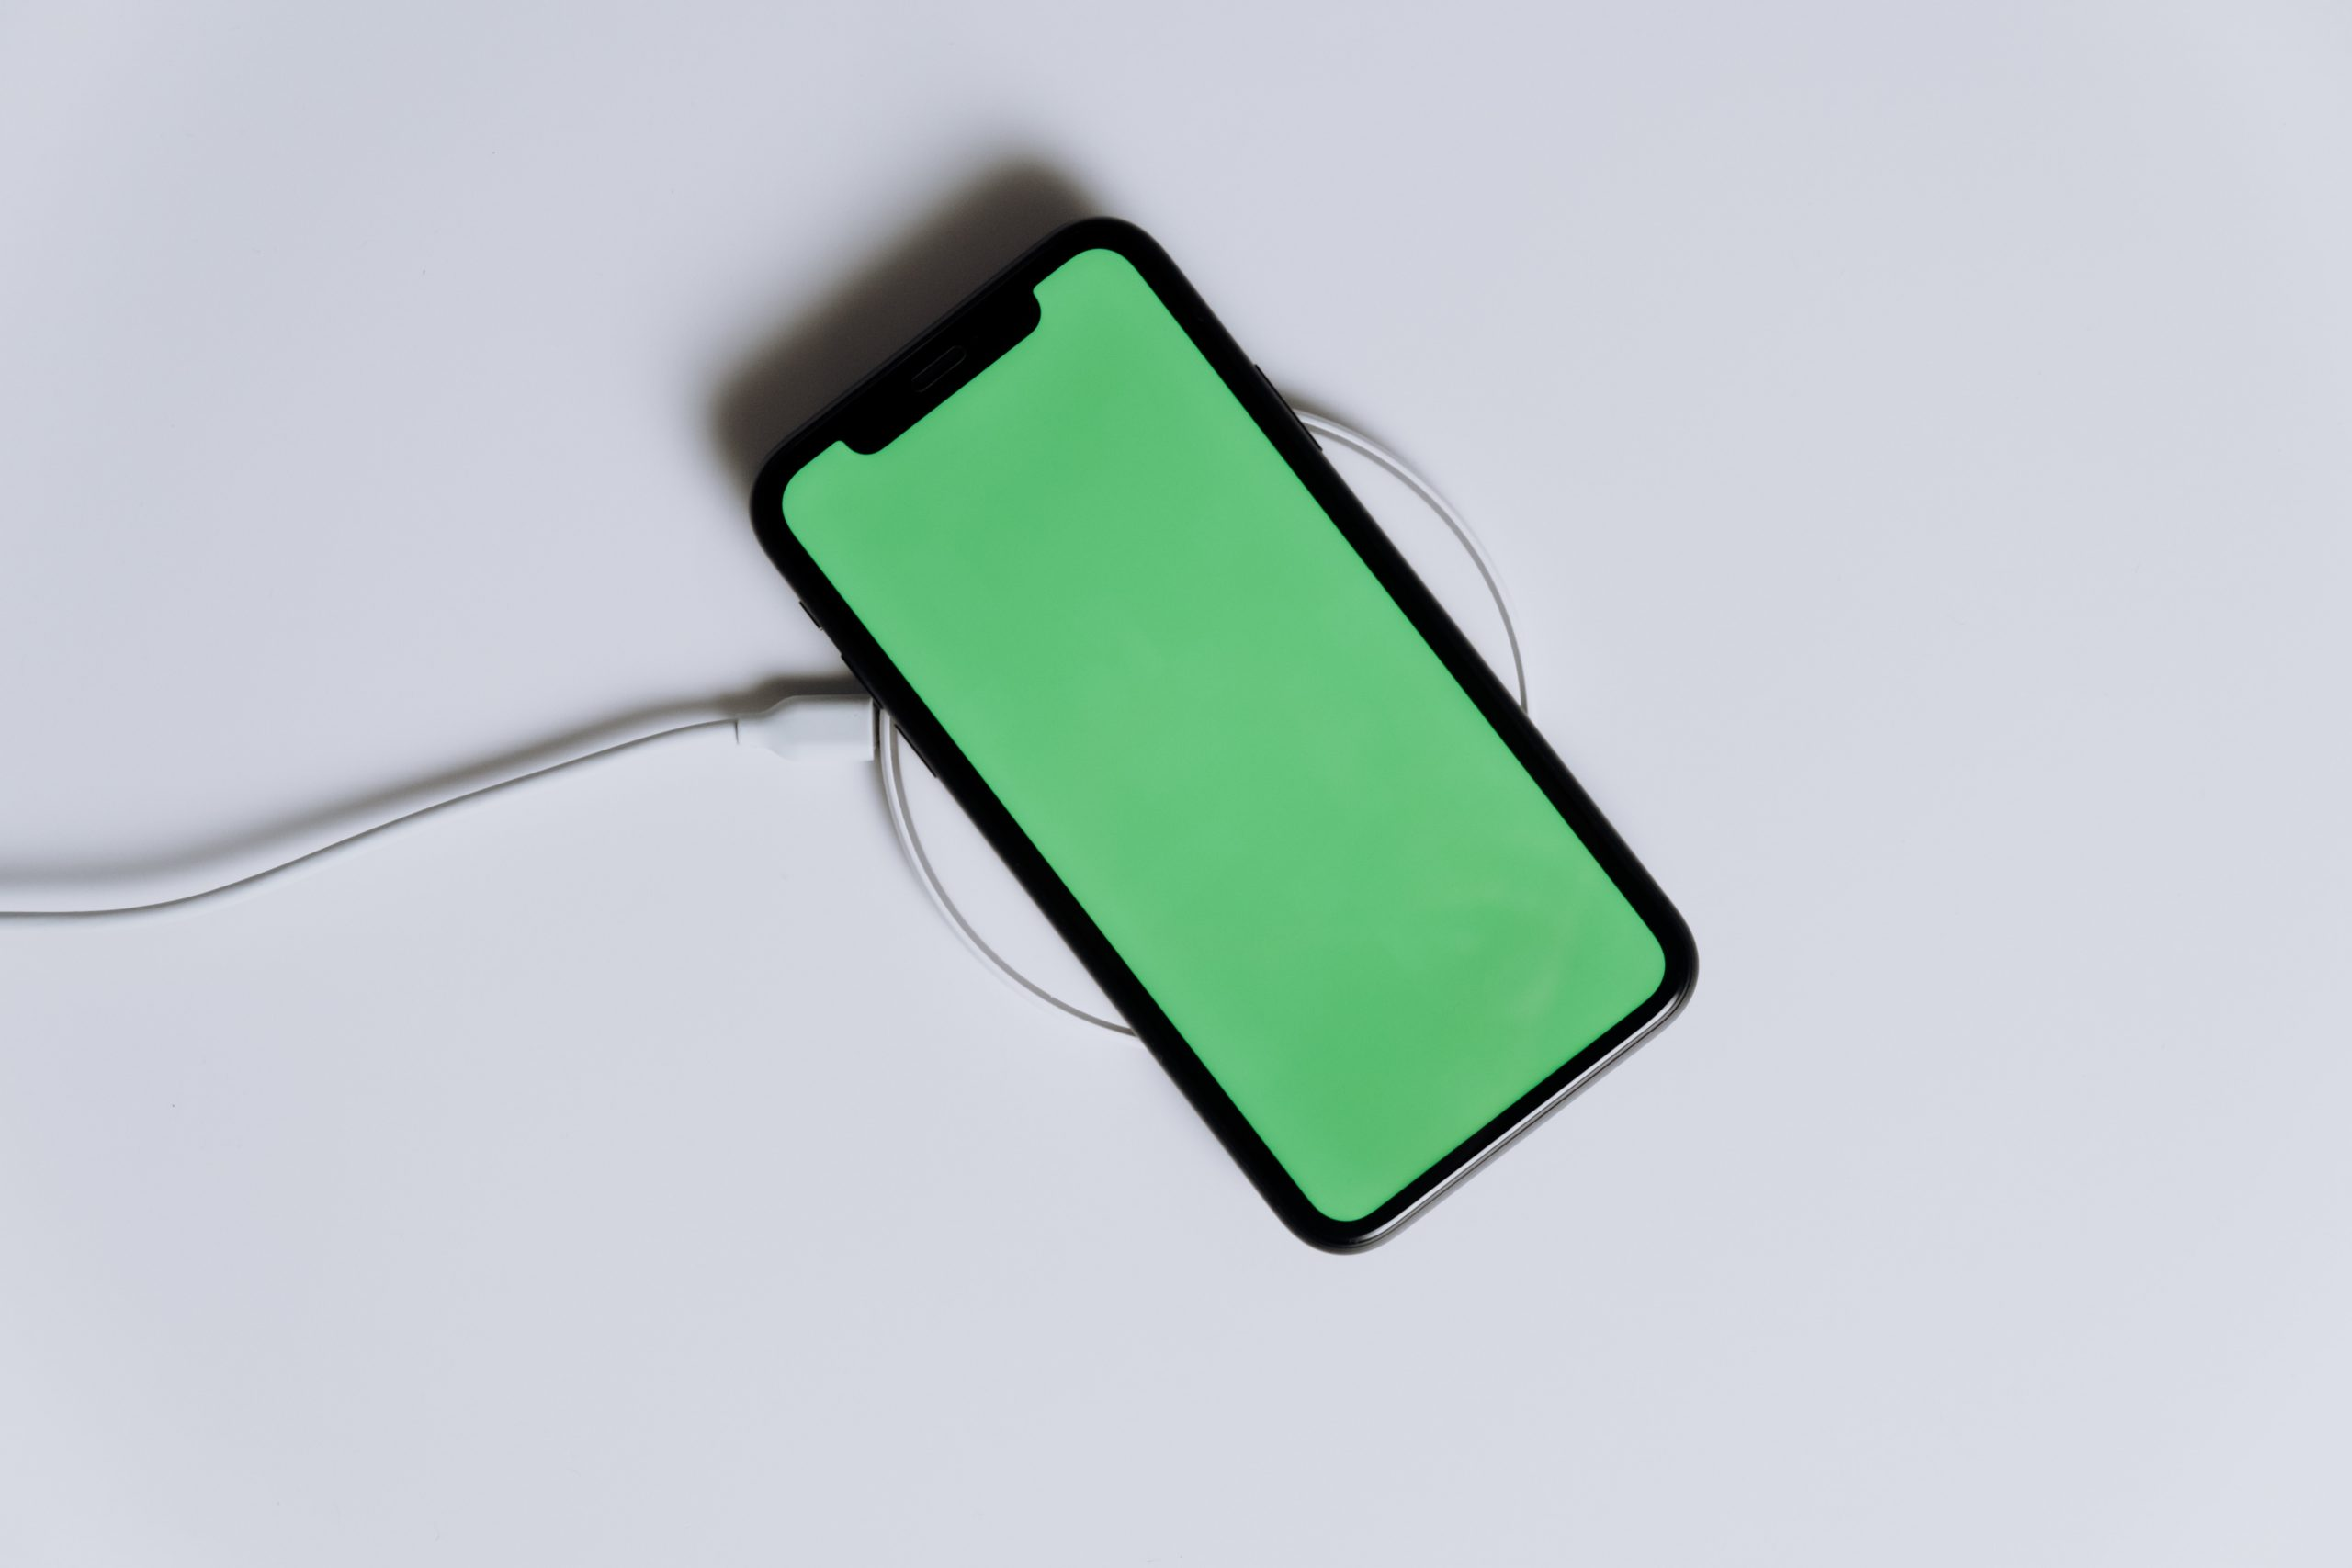 Imagem mostra um celular em destaque.